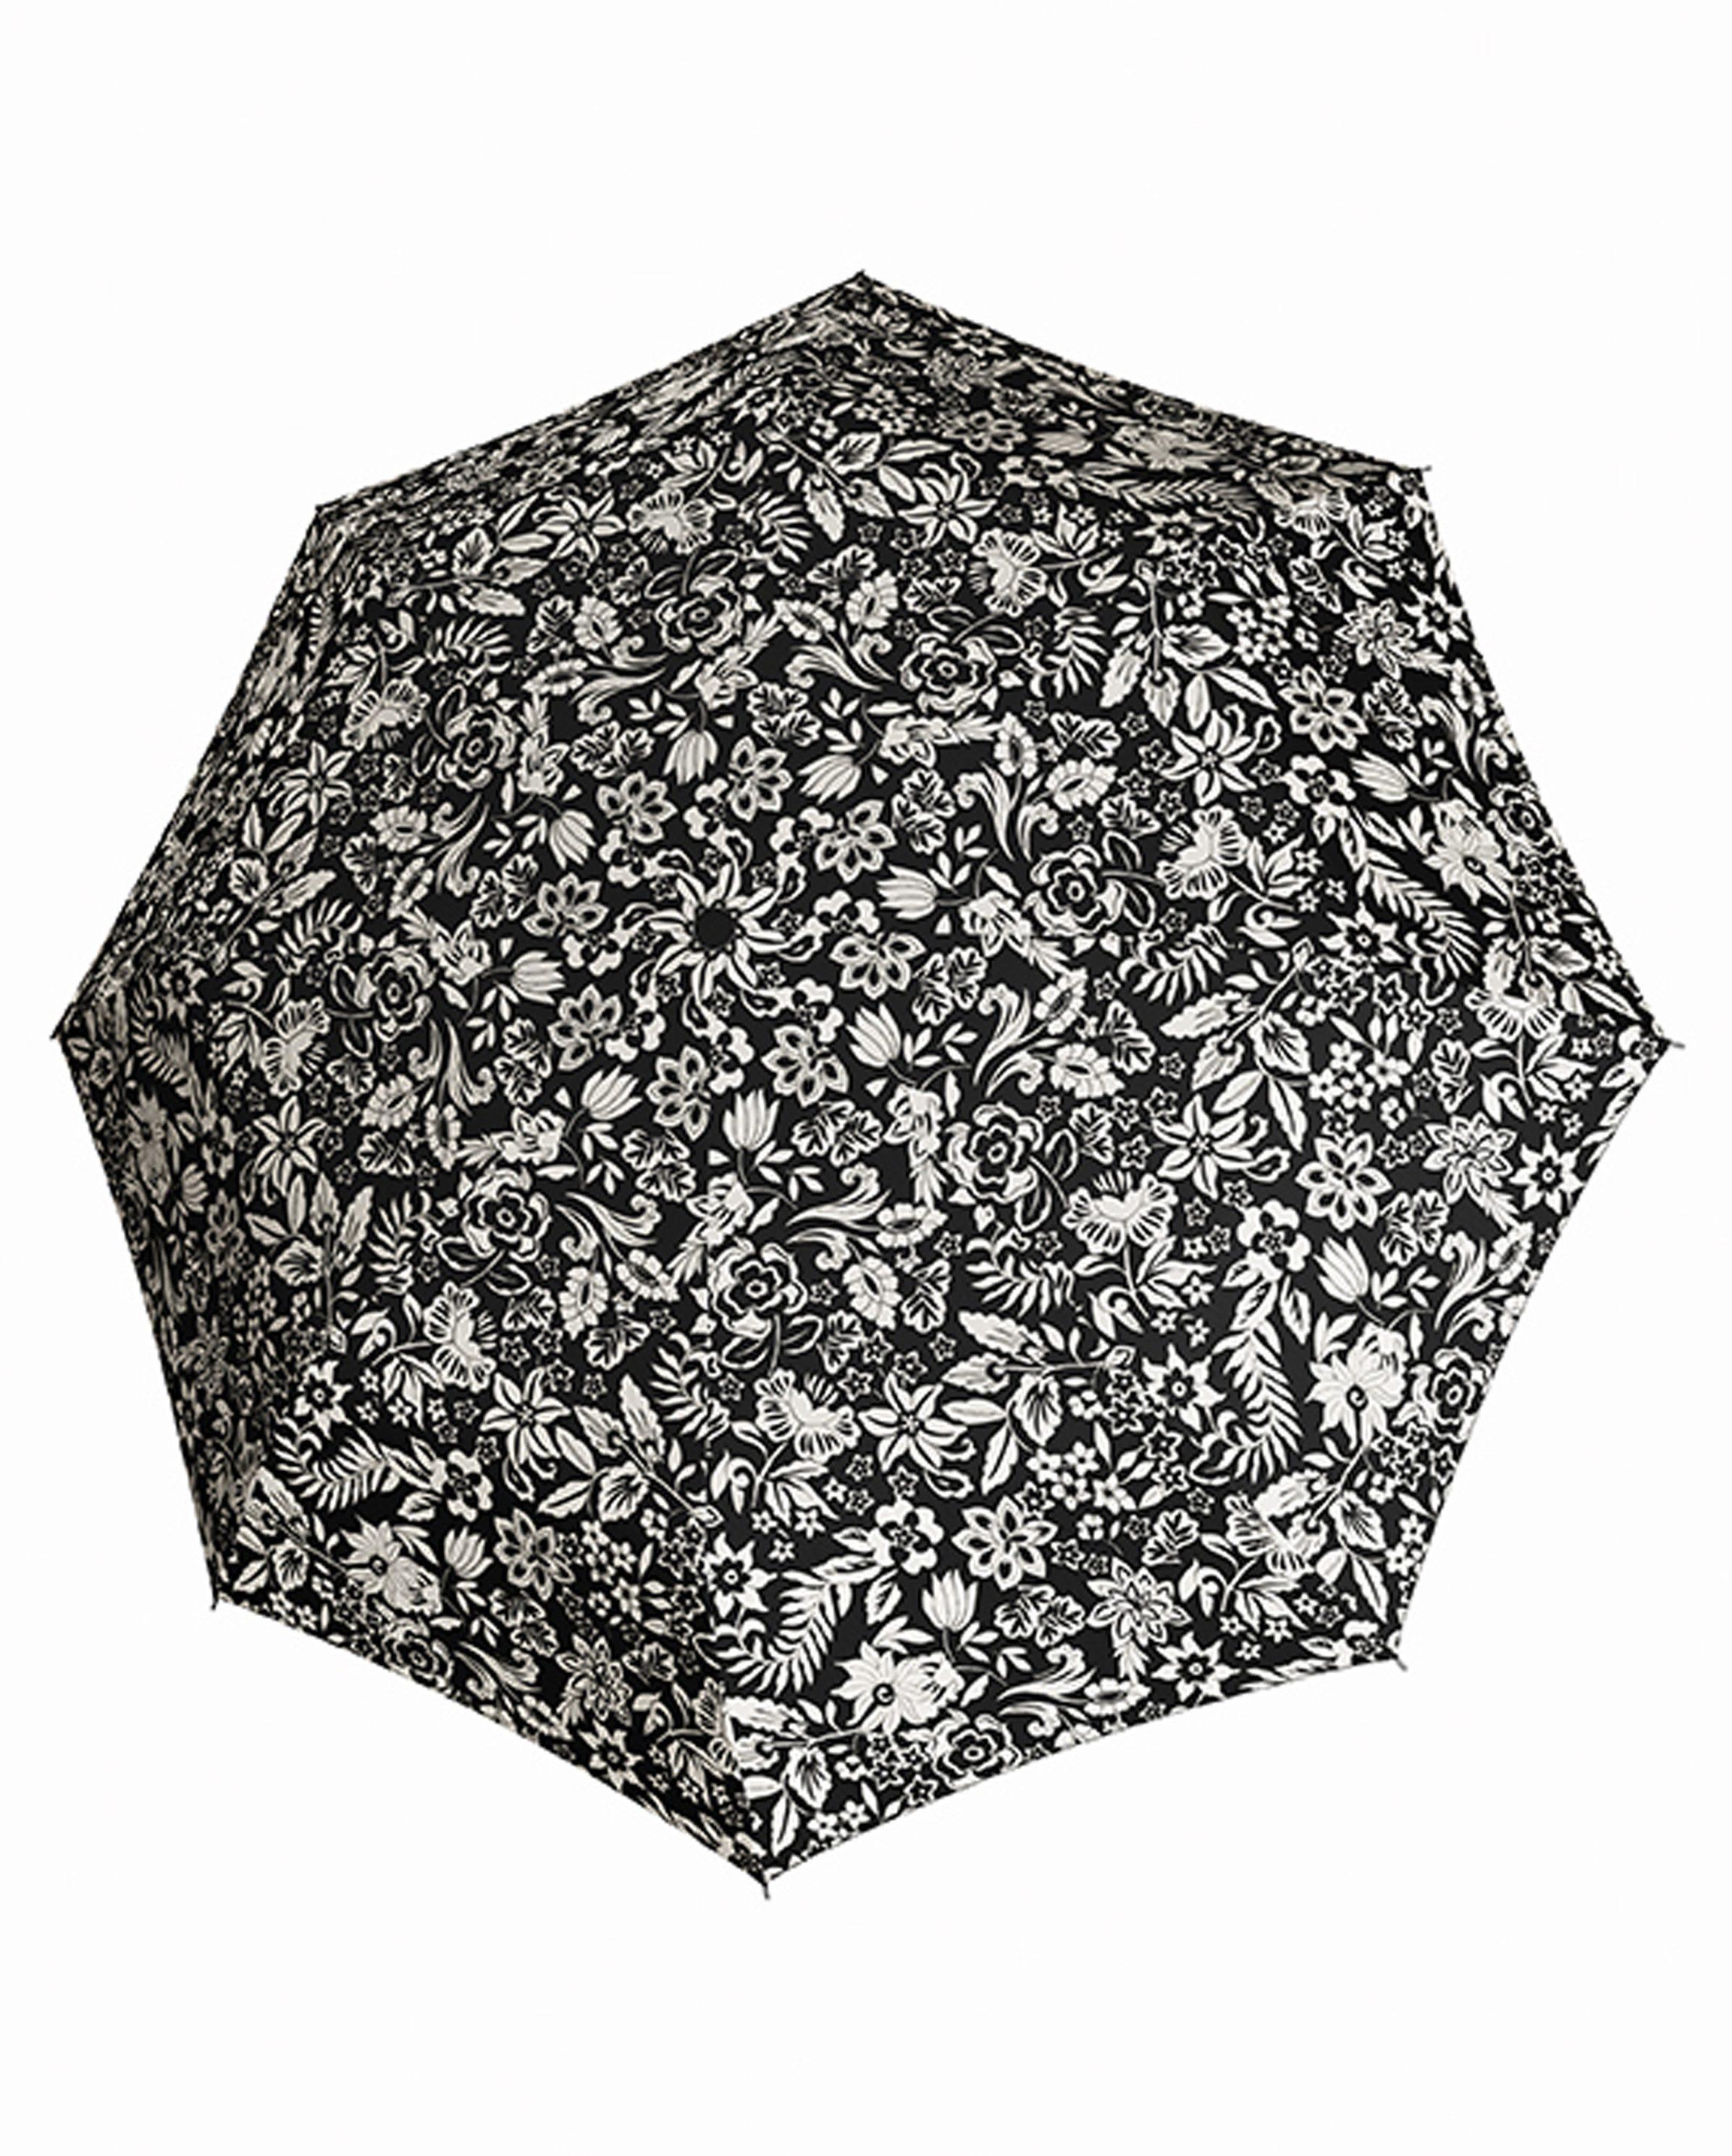 Doppler Regenschirm mit Blumenmuster, Taschenschirm »Magic Carbonsteel - Imperial«